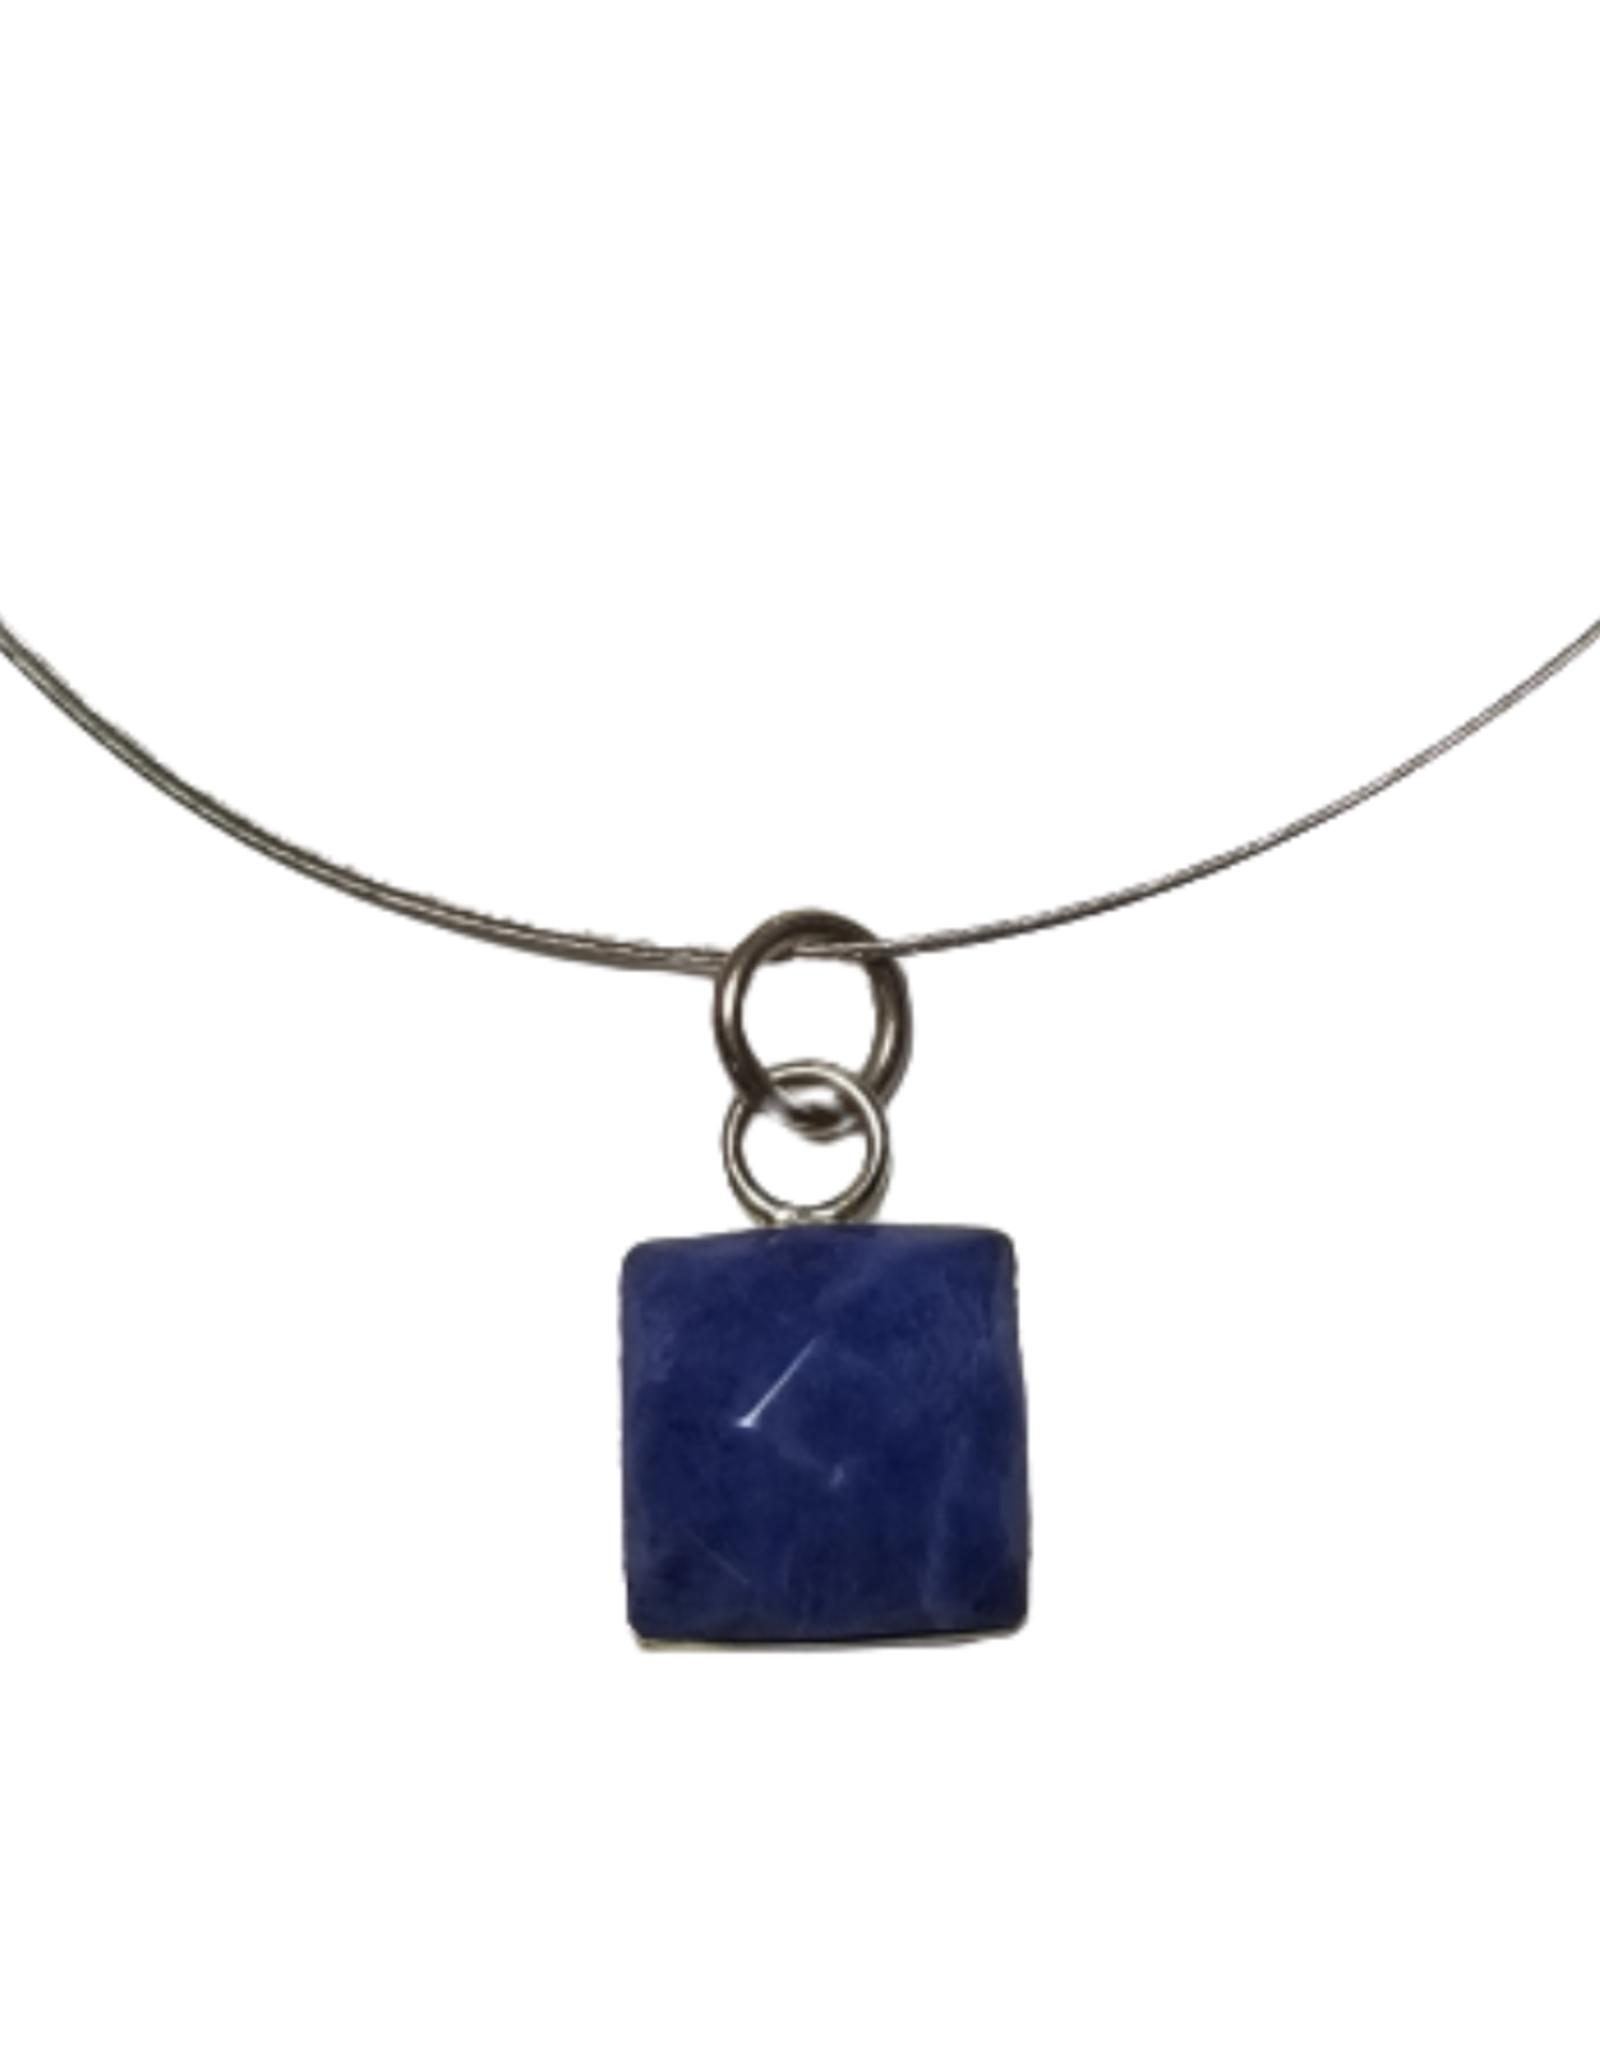 Sodalite & Silver Square Pendant Necklace